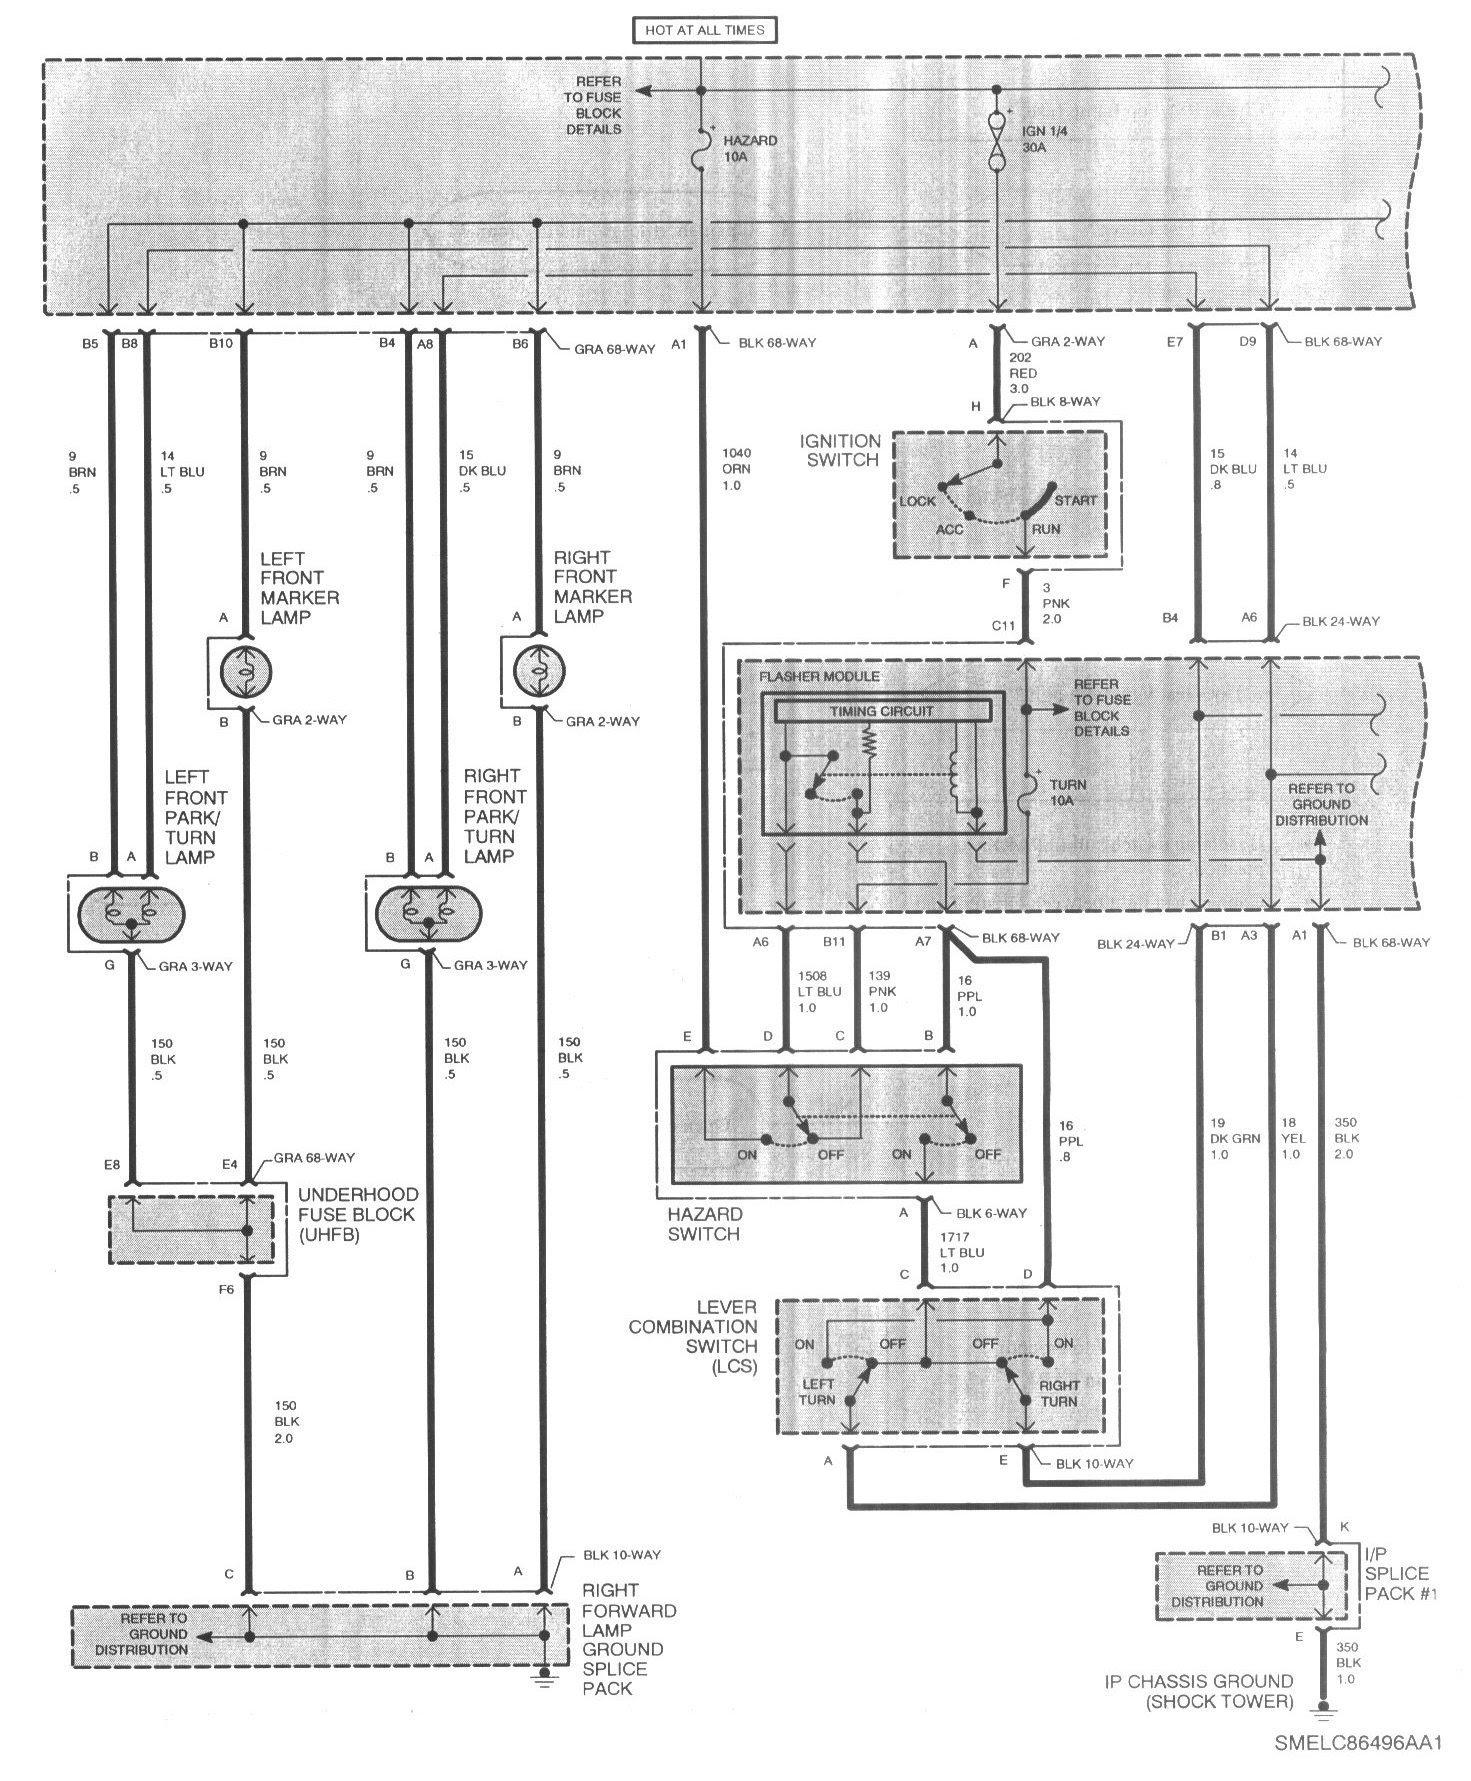 1995 Saturn Sl2 Wiring Diagram Full Hd Version Wiring Diagram Troydiagram Radd Fr